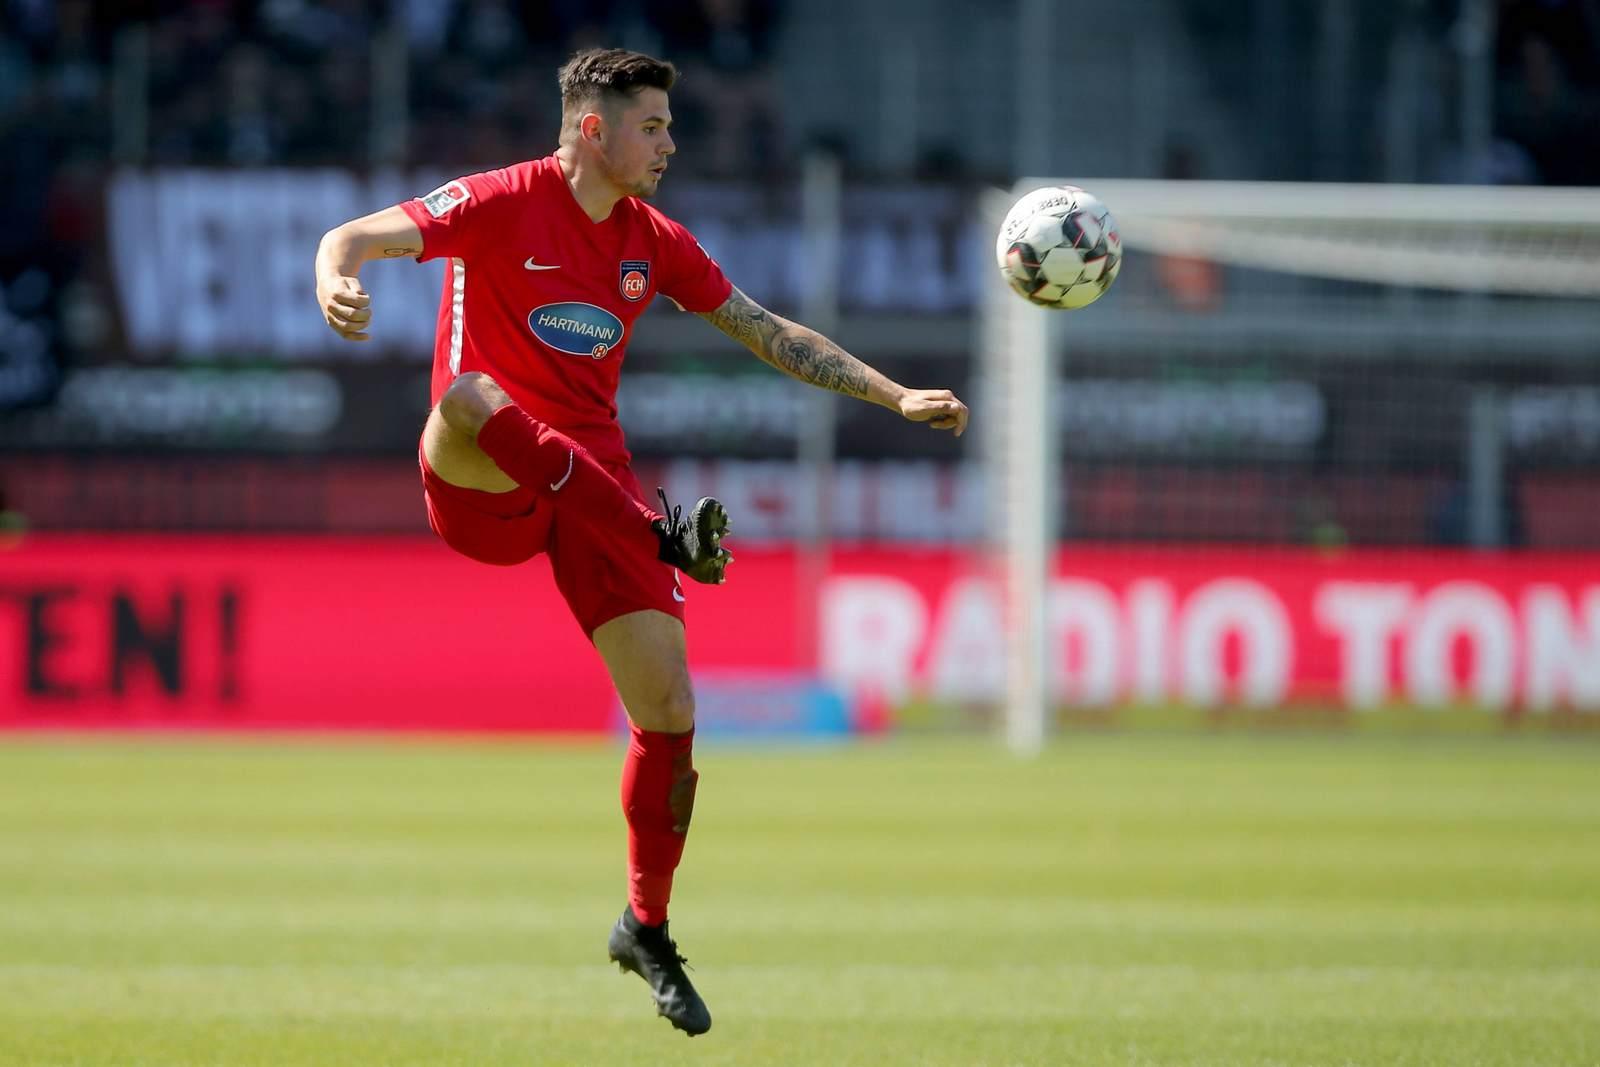 Marnon Busch in Aktion. Jetzt auf die Relegation zwischen Heidenheim vs Werder Bremen wetten.